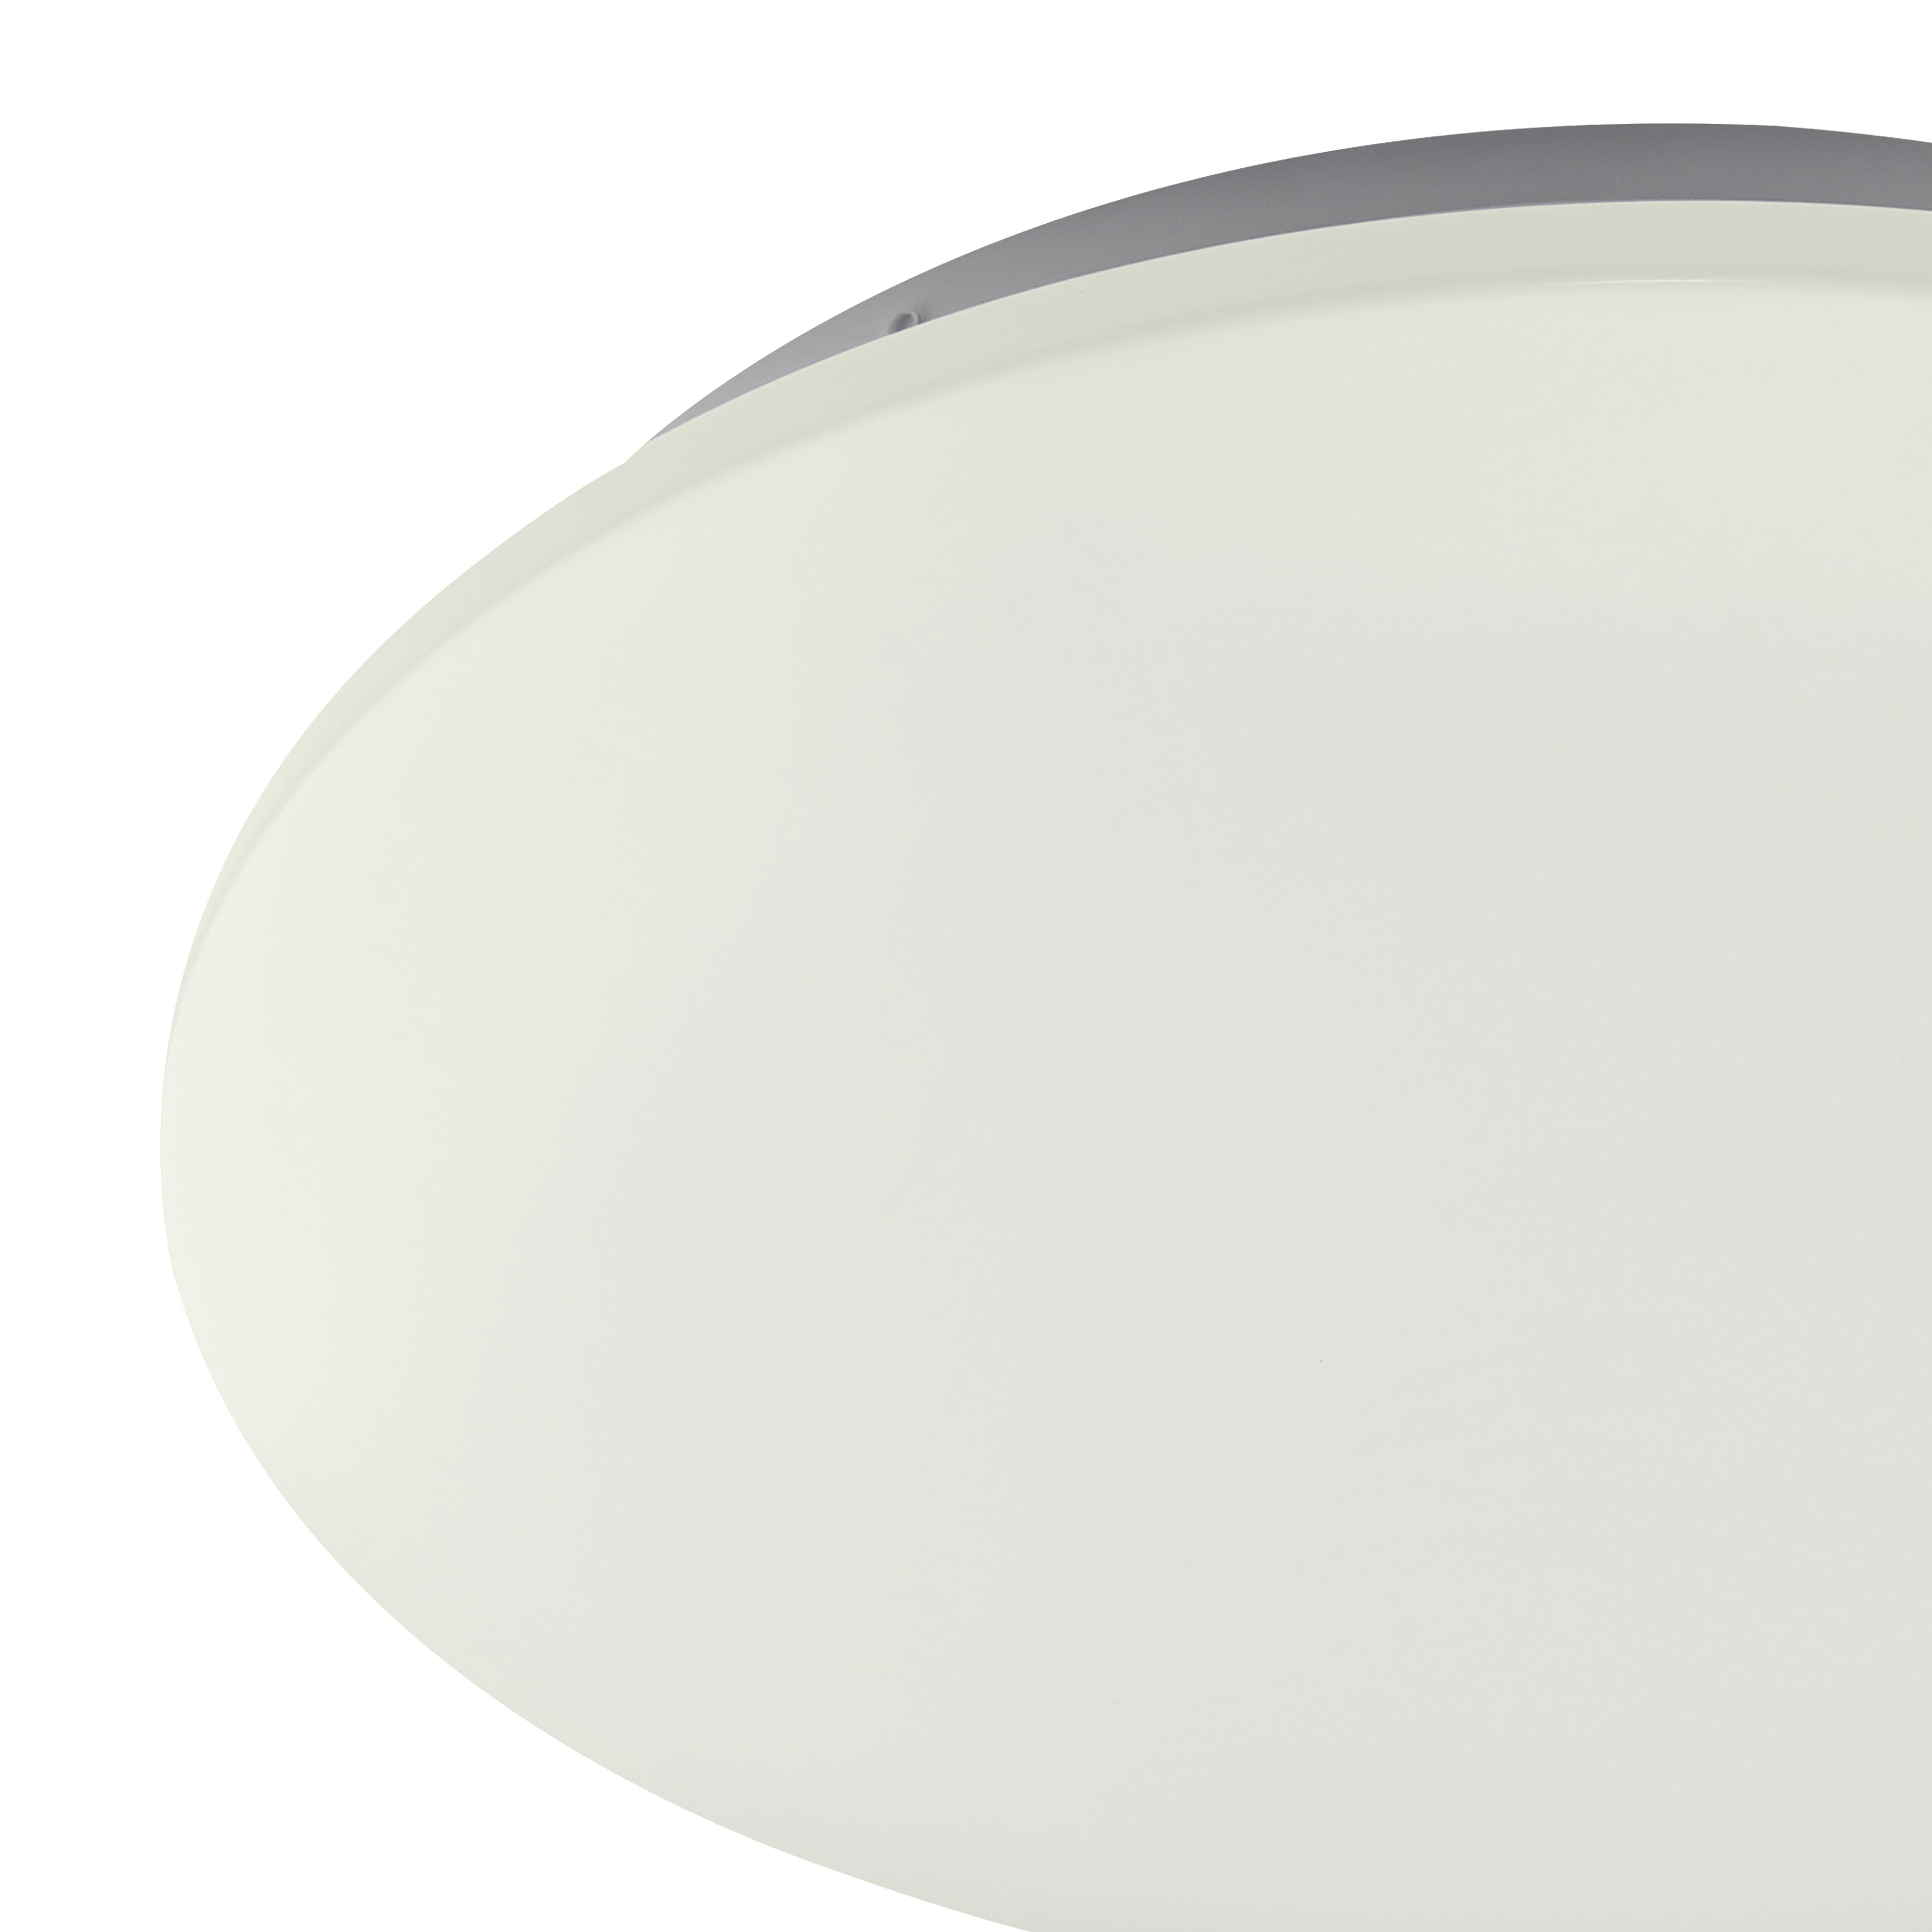 Потолочный светильник Mantra Zero 5944, белый, металл, пластик - фото 2